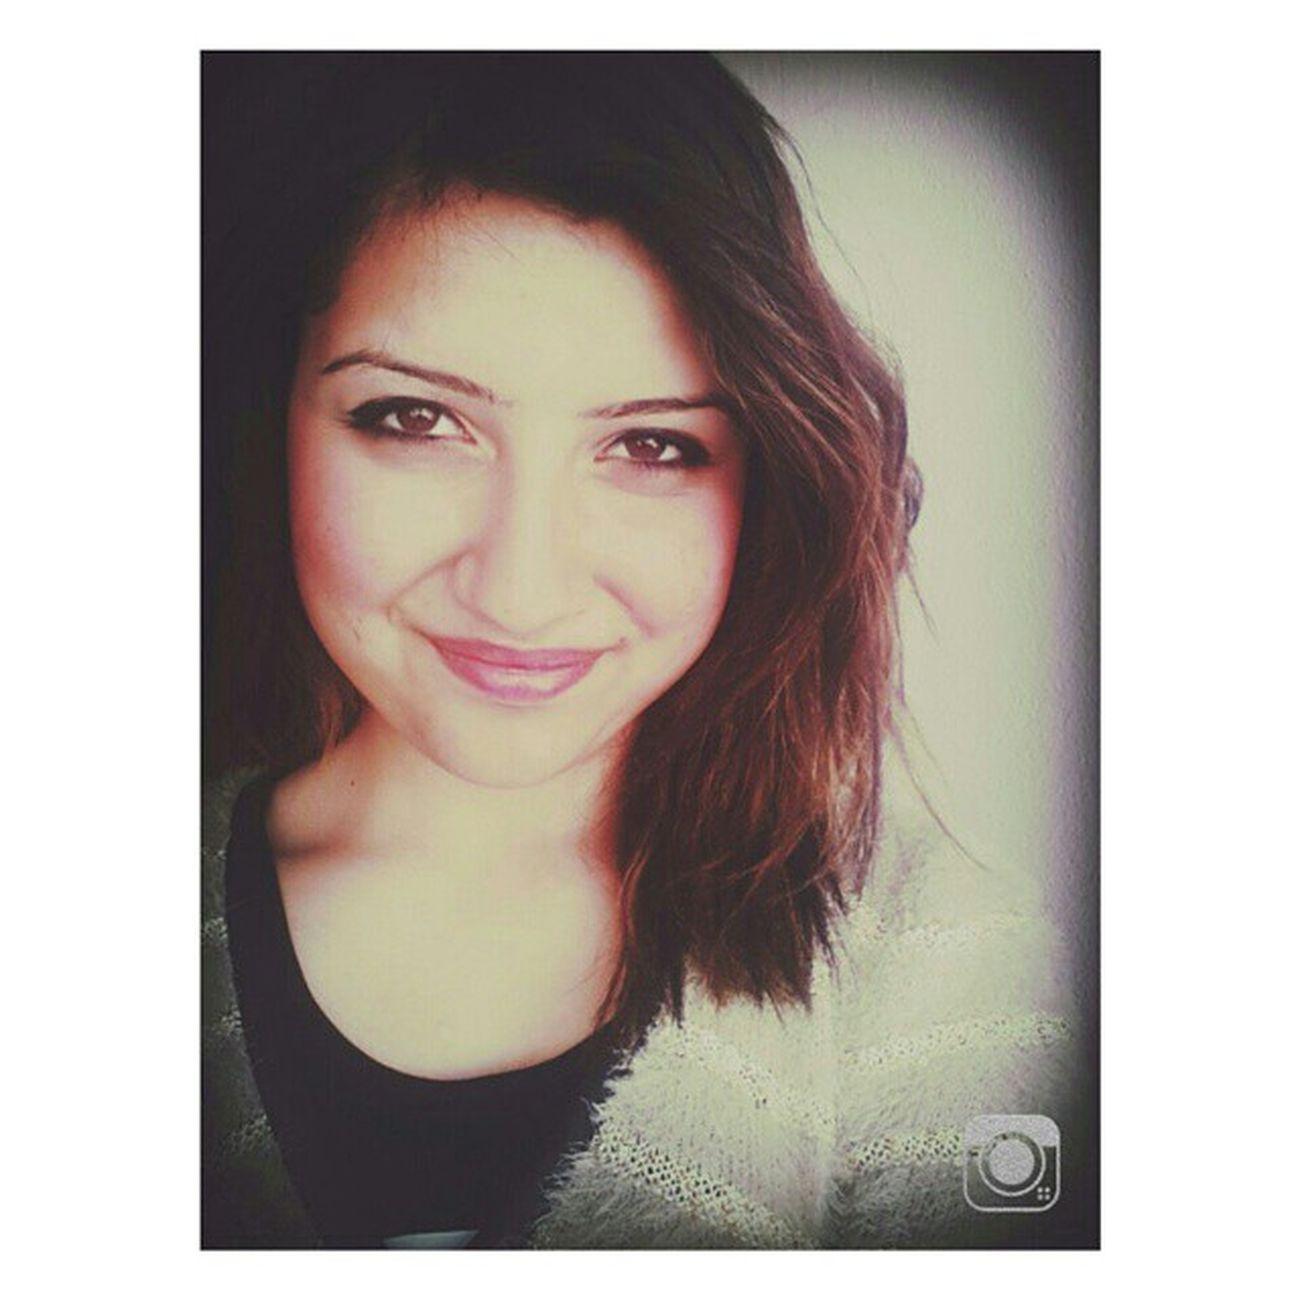 Bugün çok yürüdük 😀 Yorgunumm 😧